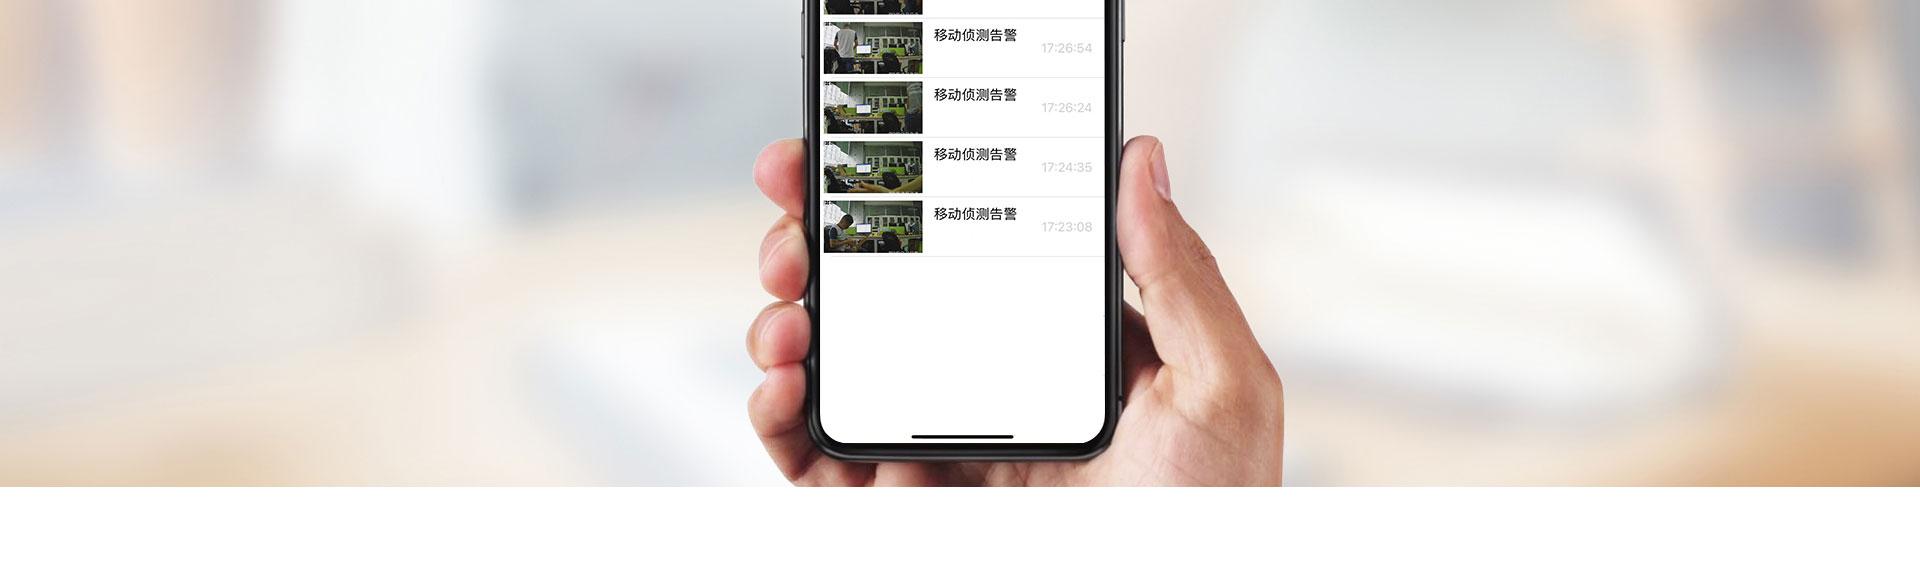 高清网络摄像机-VC105